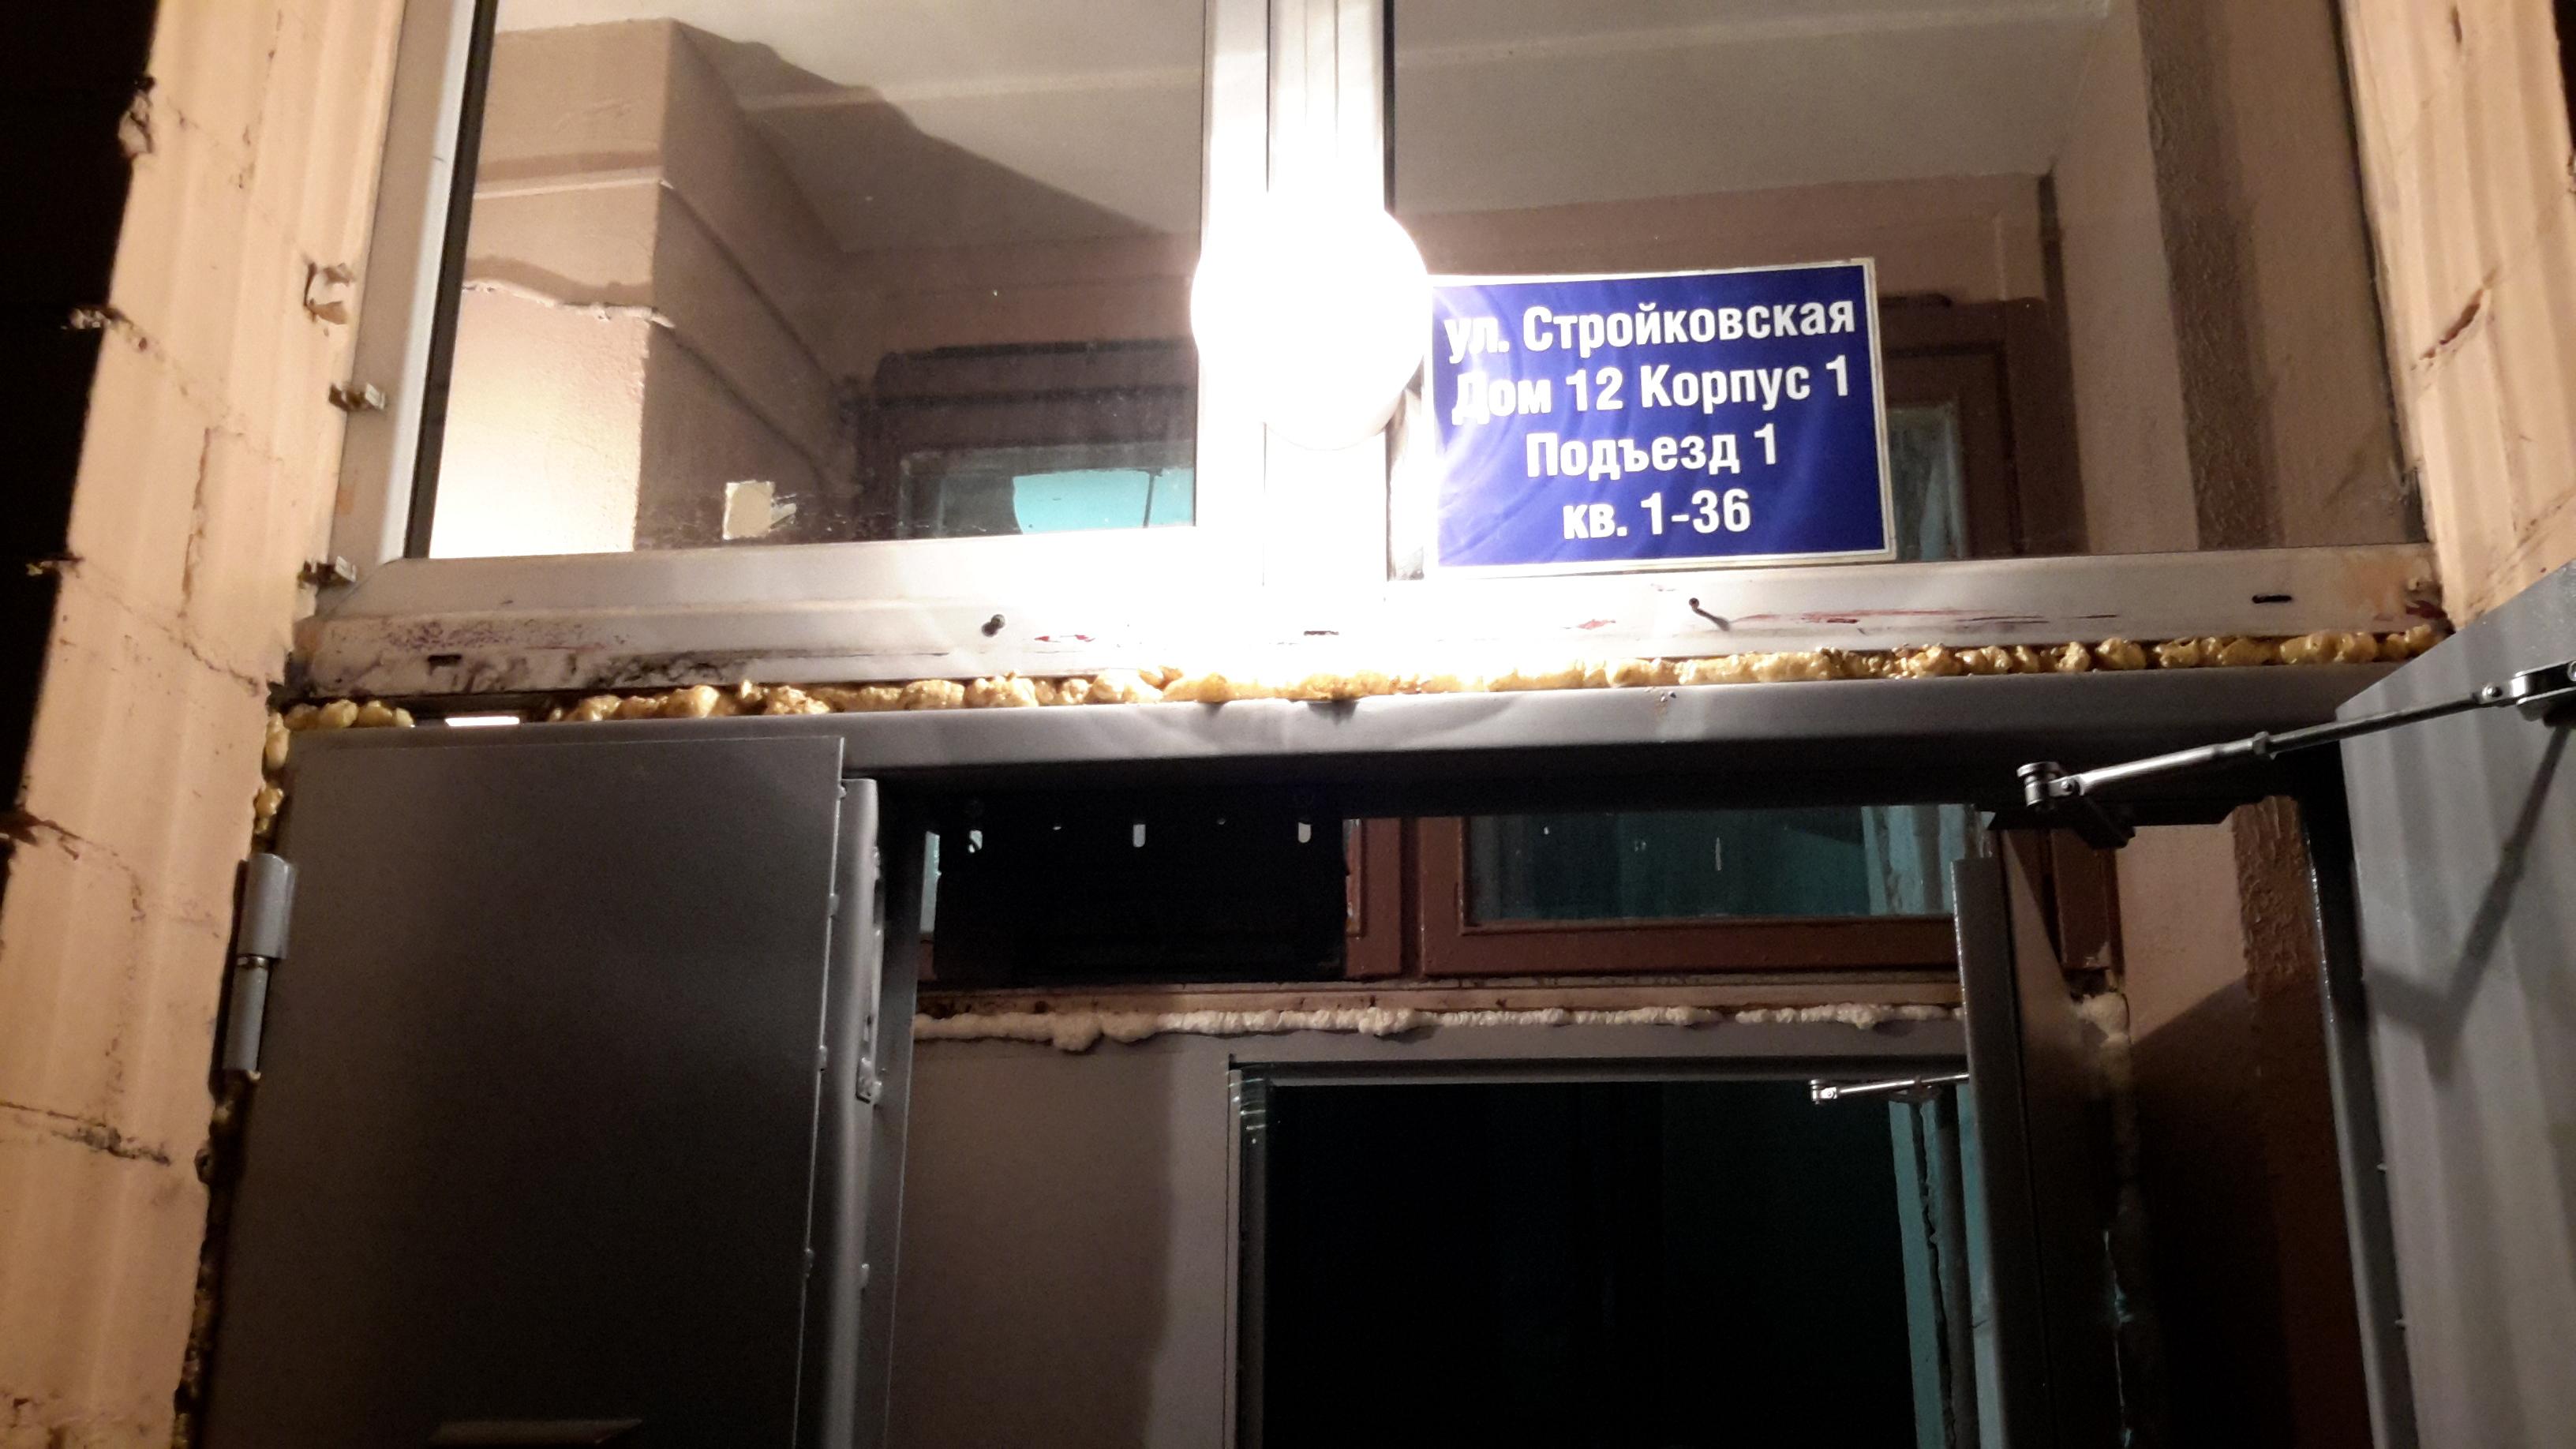 Трудовые книжки со стажем Стройковская улица характеристику с места работы в суд Парковая 4-я улица